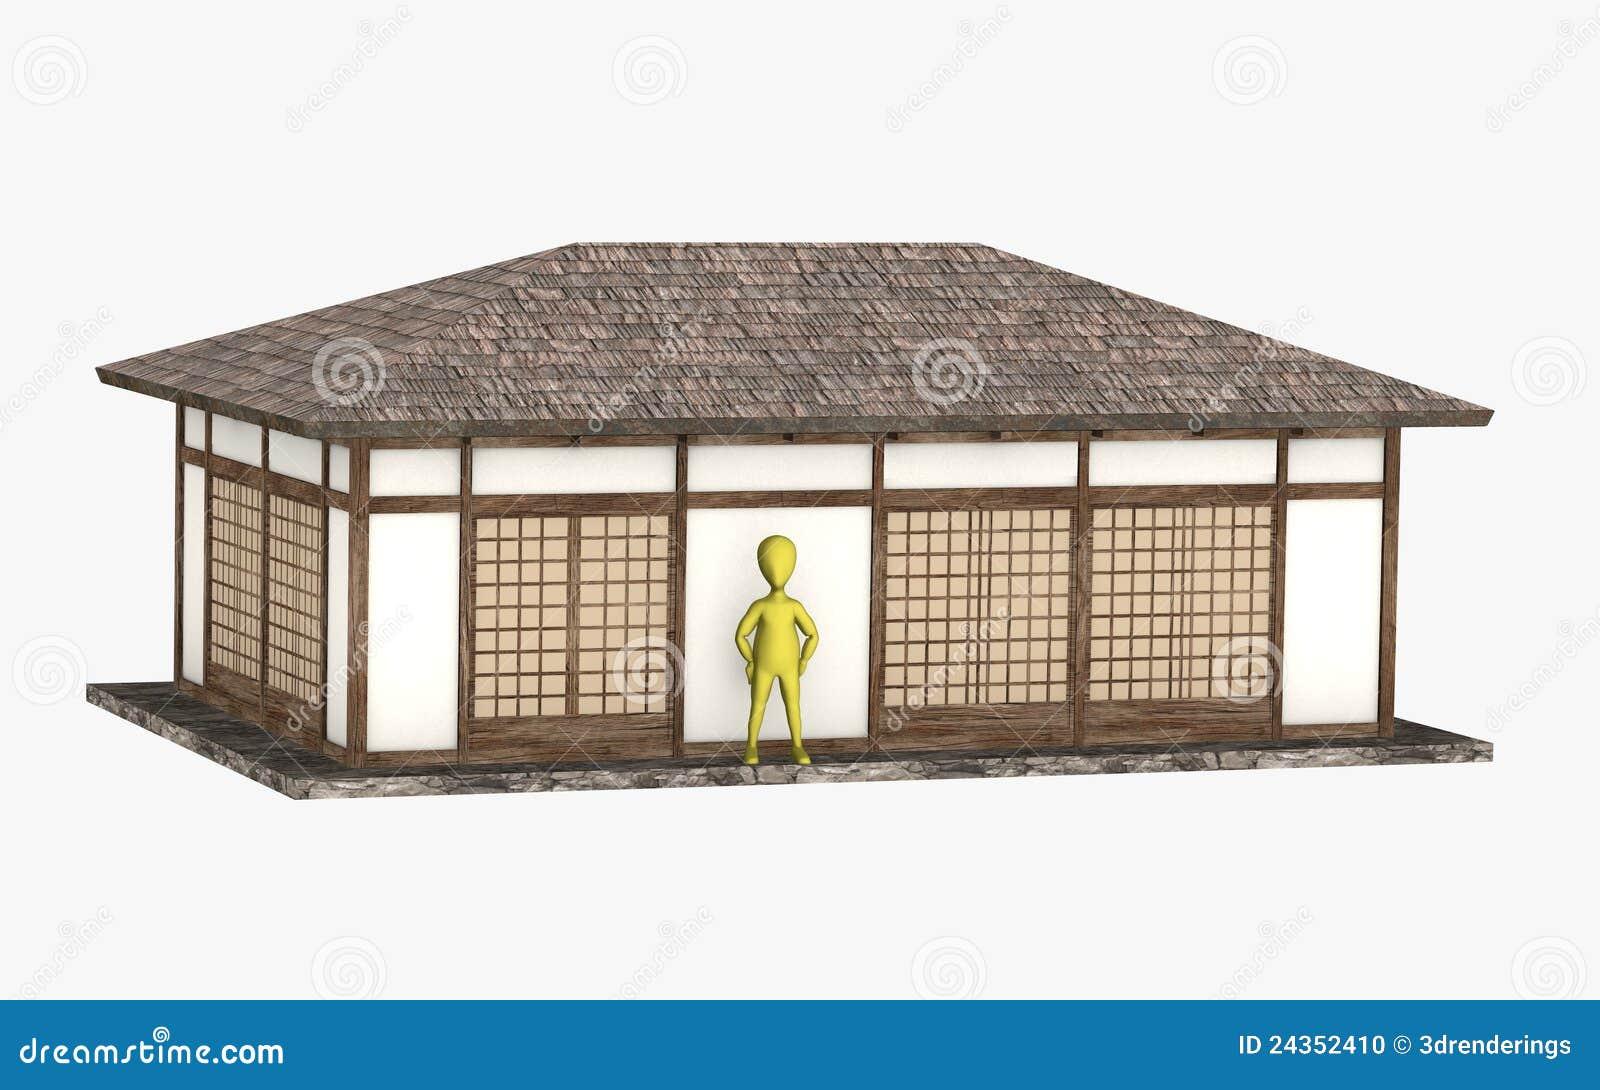 personnage de dessin anim devant maison japonaise photo stock image 24352410. Black Bedroom Furniture Sets. Home Design Ideas